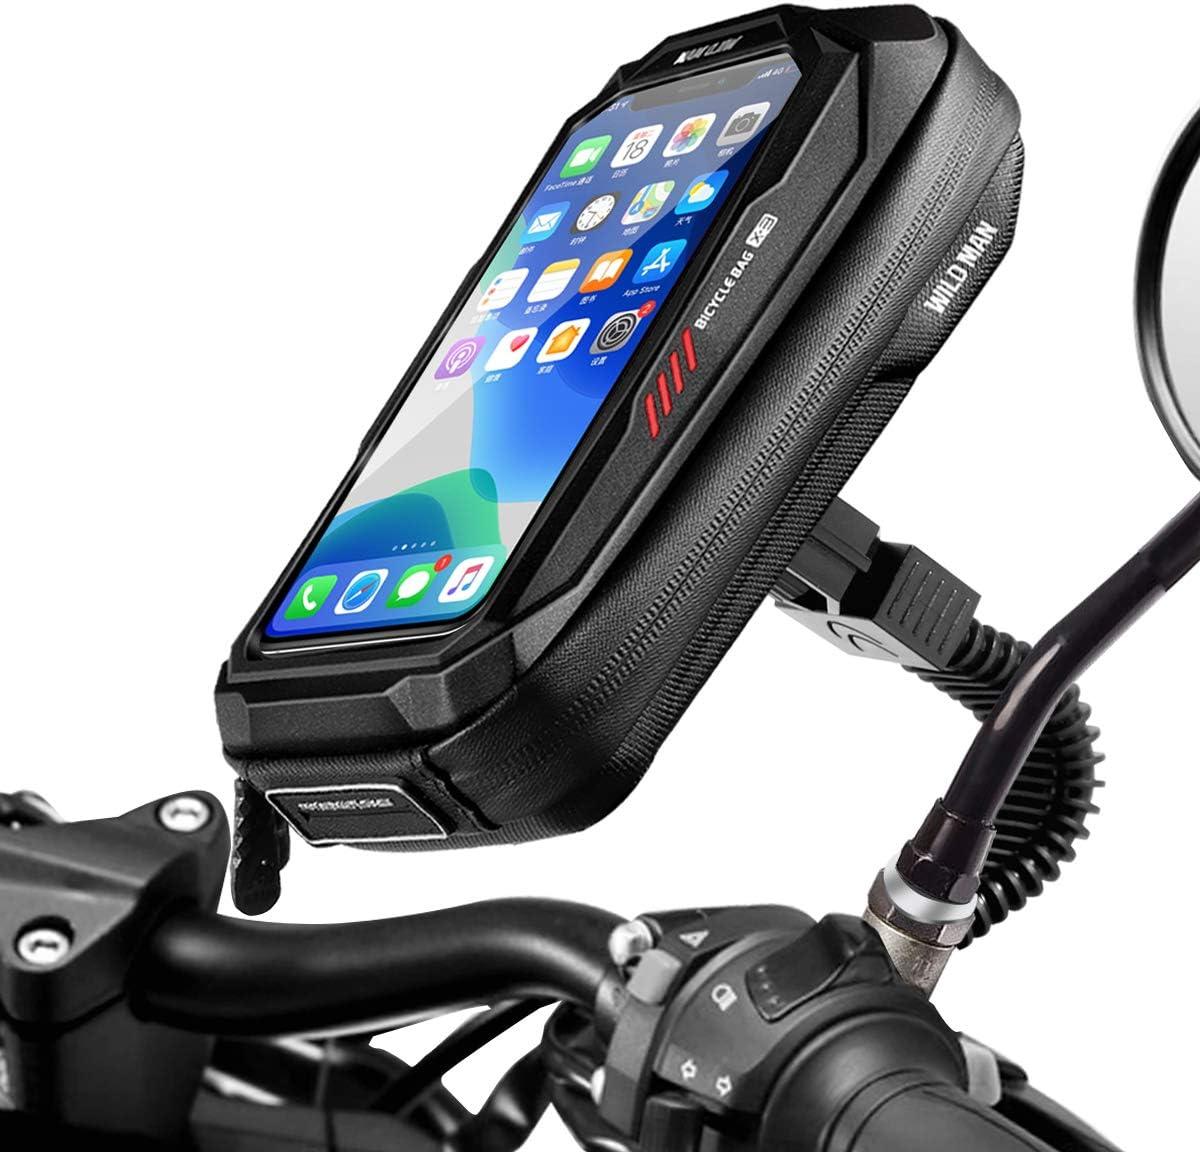 Faneam Impermeable Soporte Móvil para Motocicle Scooter 360° Rotación Soporte Telefono Motocicleta Retrovisor Universal Soporte para Teléfonos Moto con Pantalla Táctil Sensible hasta 6.5